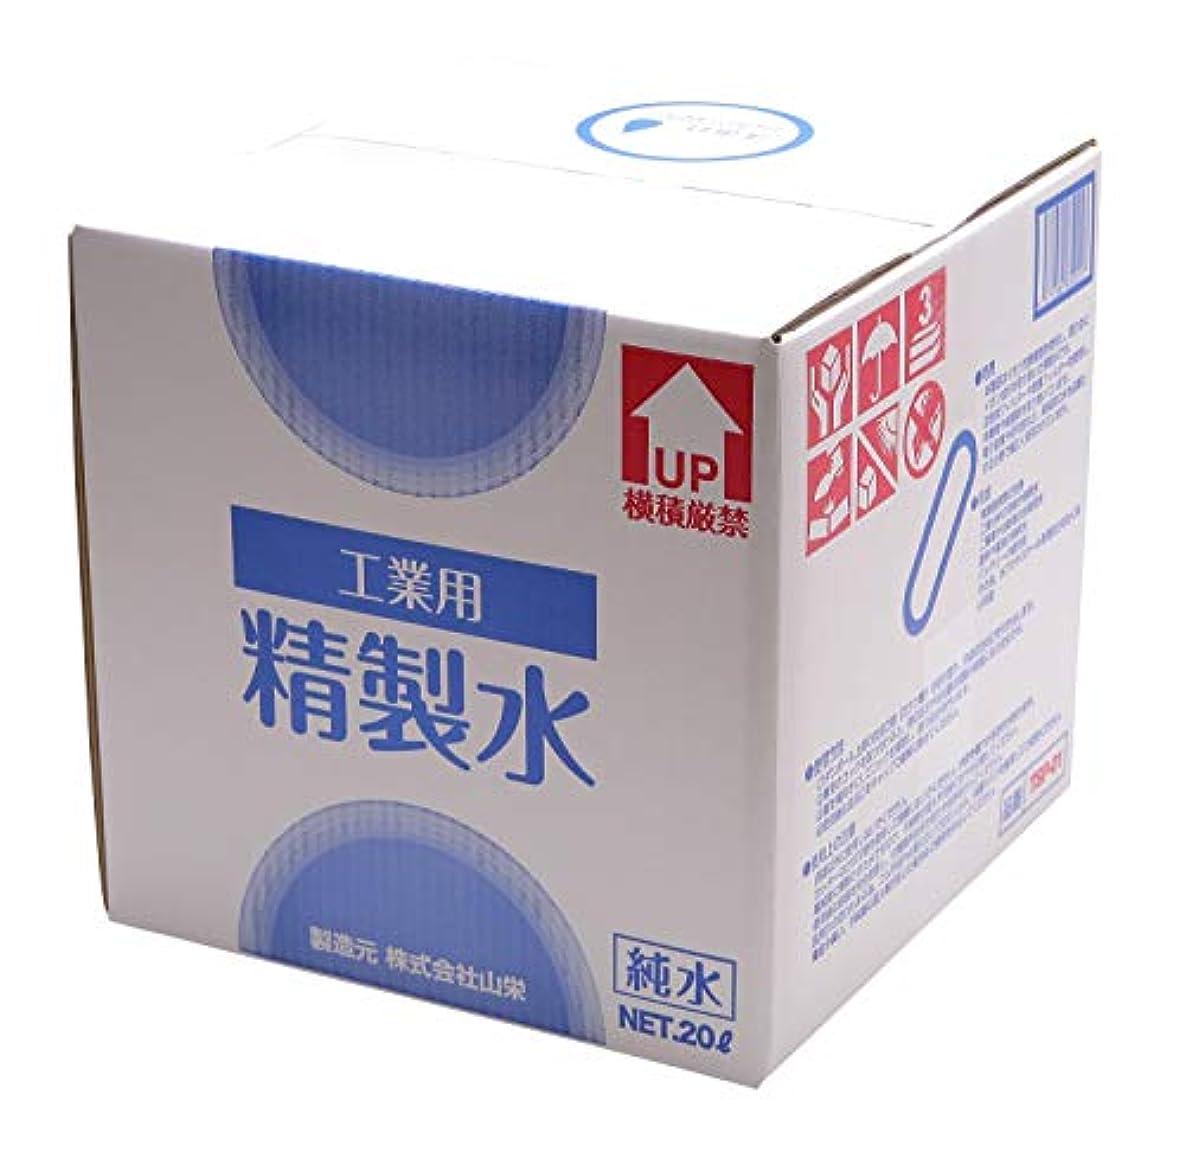 エミュレートするメリーハブブサンエイ化学 工業用 精製水 純水 20L×10箱 コック付き